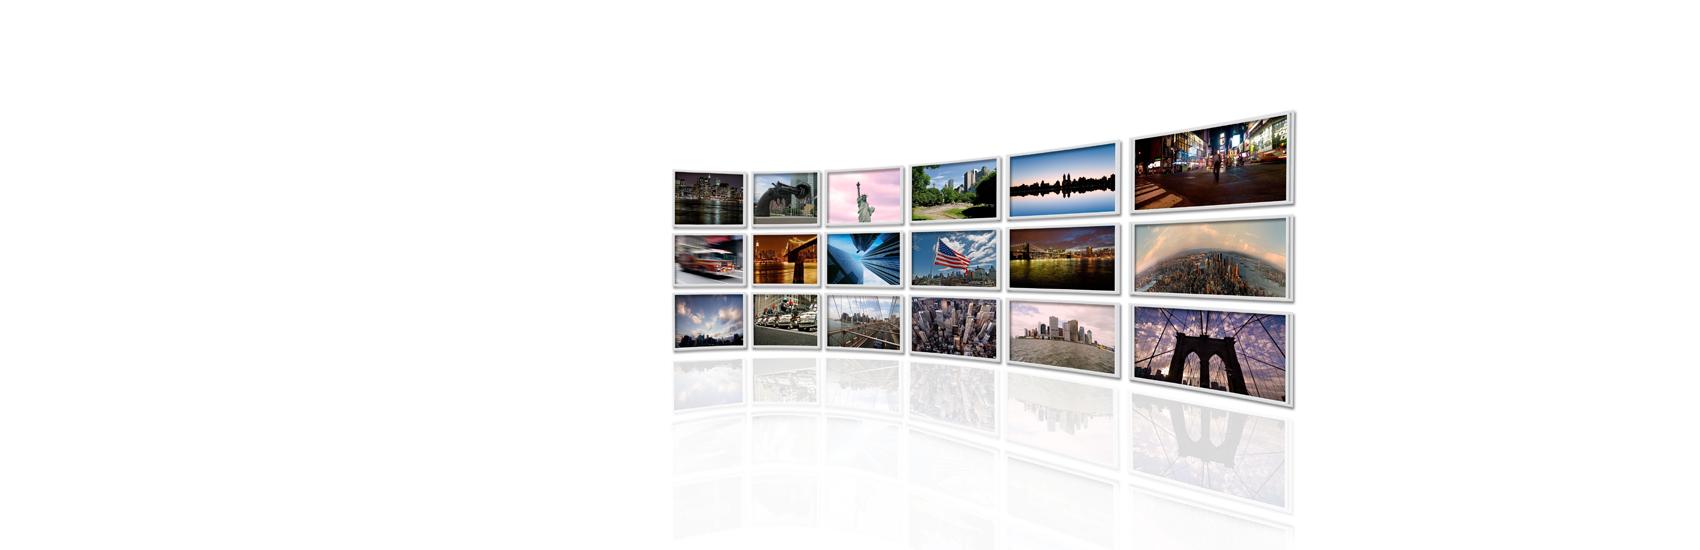 Slider teleimpianti-multimedia